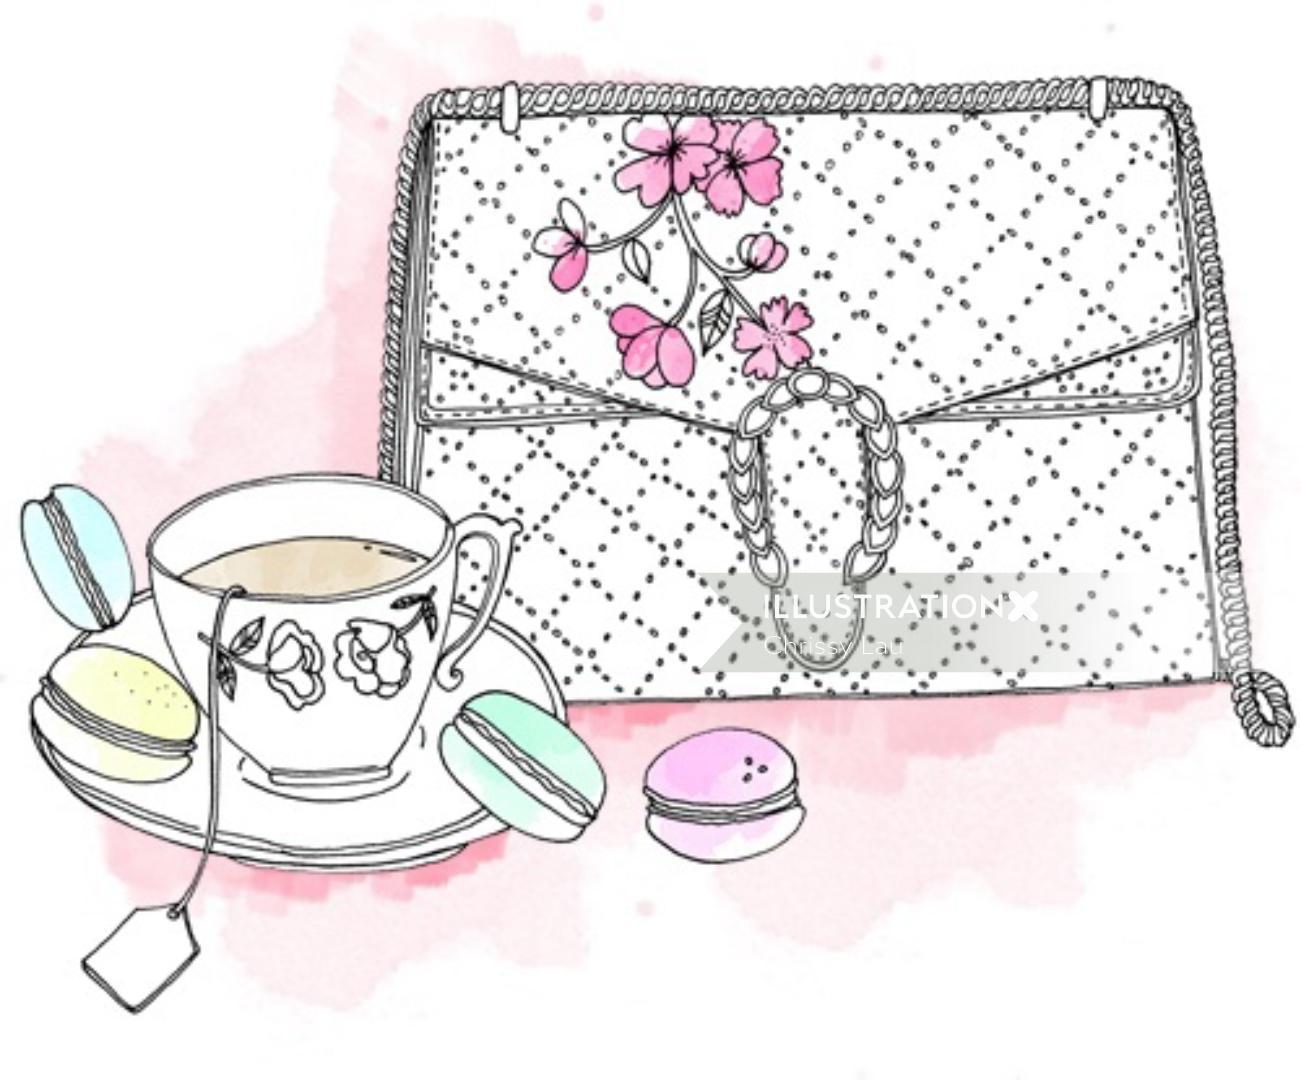 Fashion illustration of women handbag